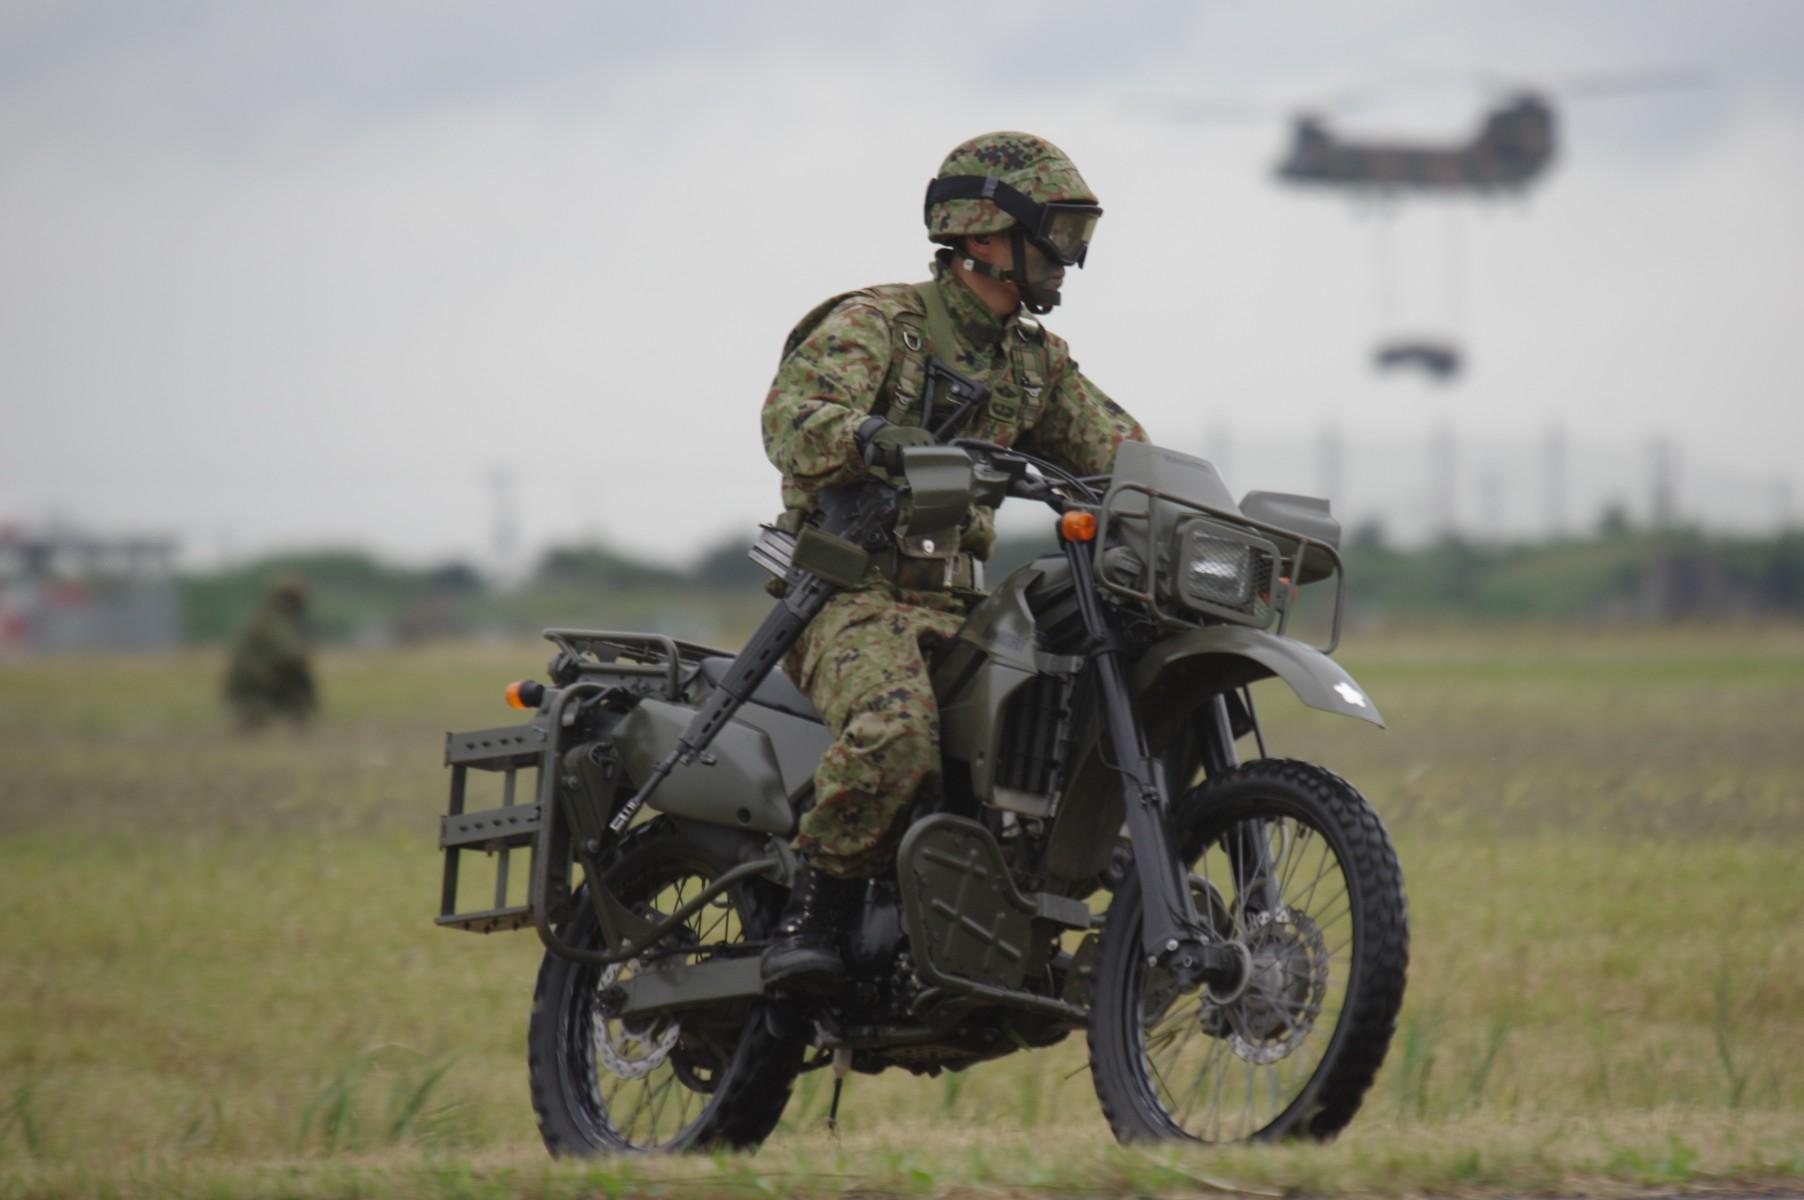 偵察用オートバイ|カワサキKLX250|陸上自衛隊装備品|陸自調査団